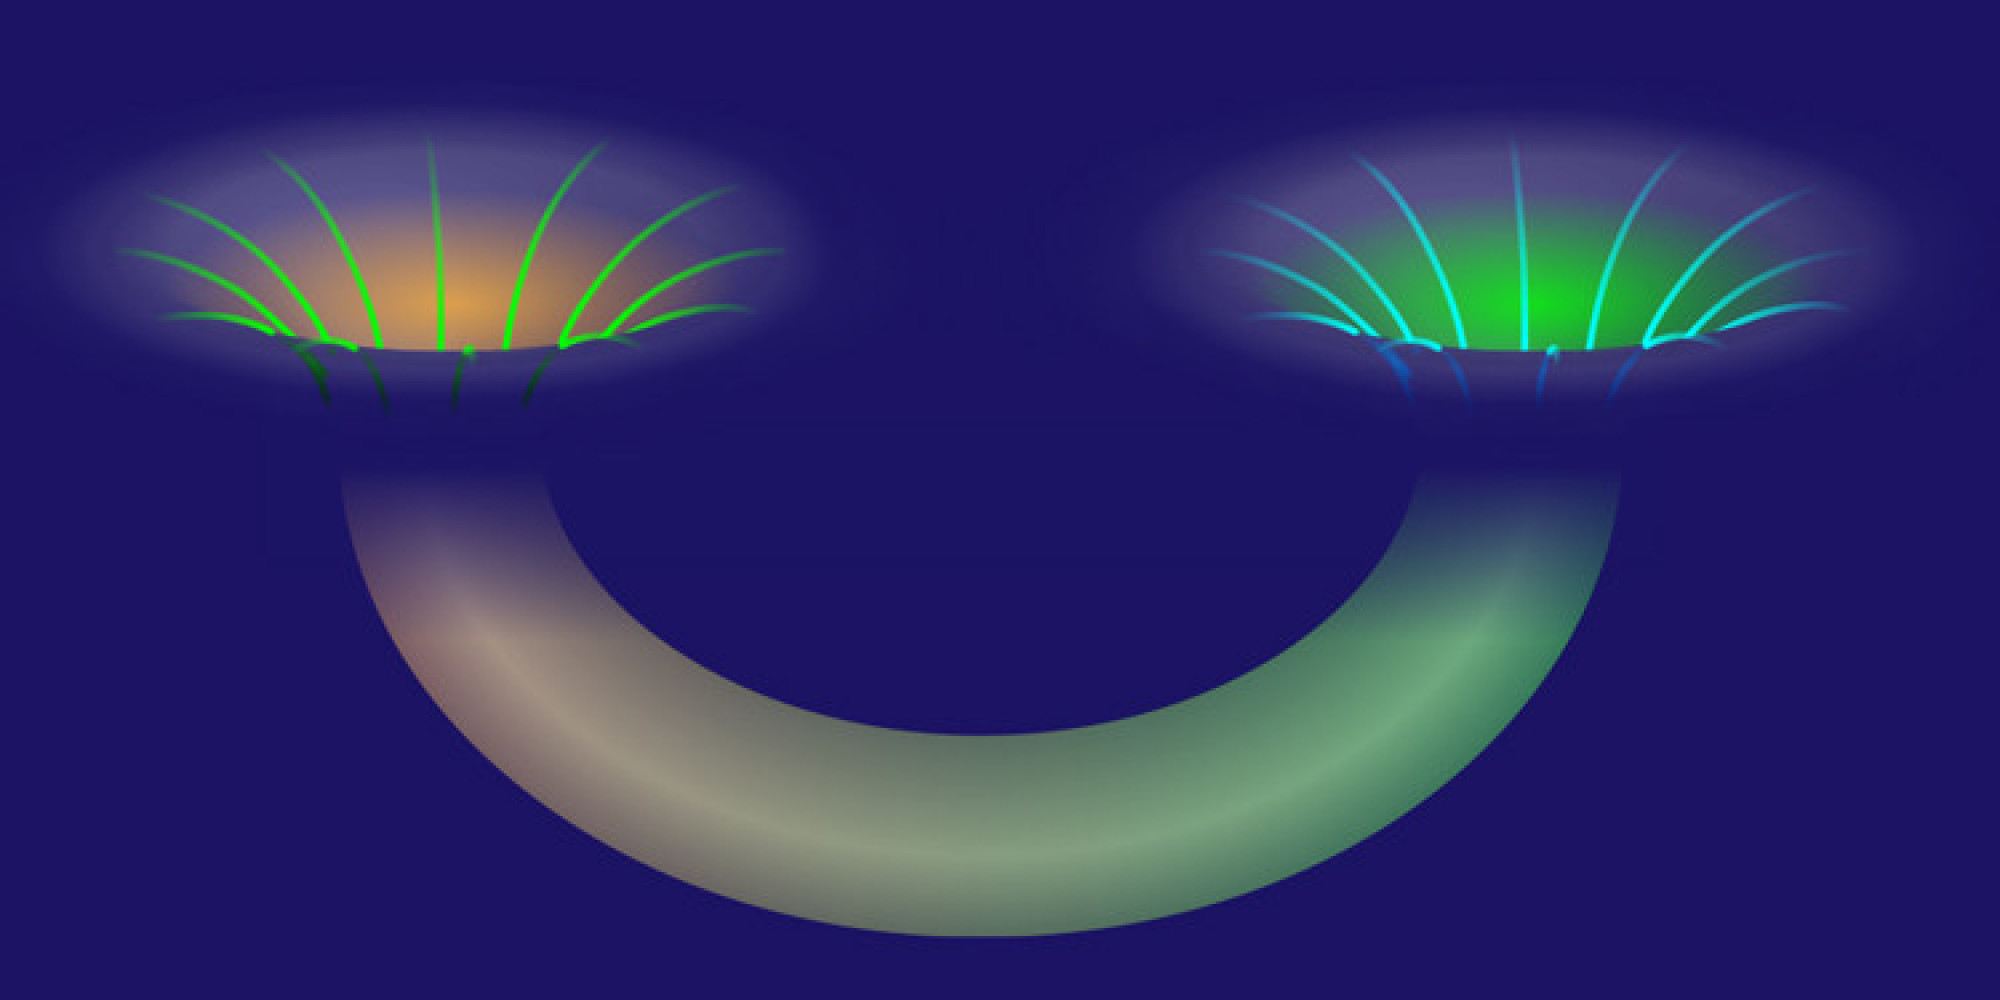 quantum entanglement  link wormholes  universe physicists